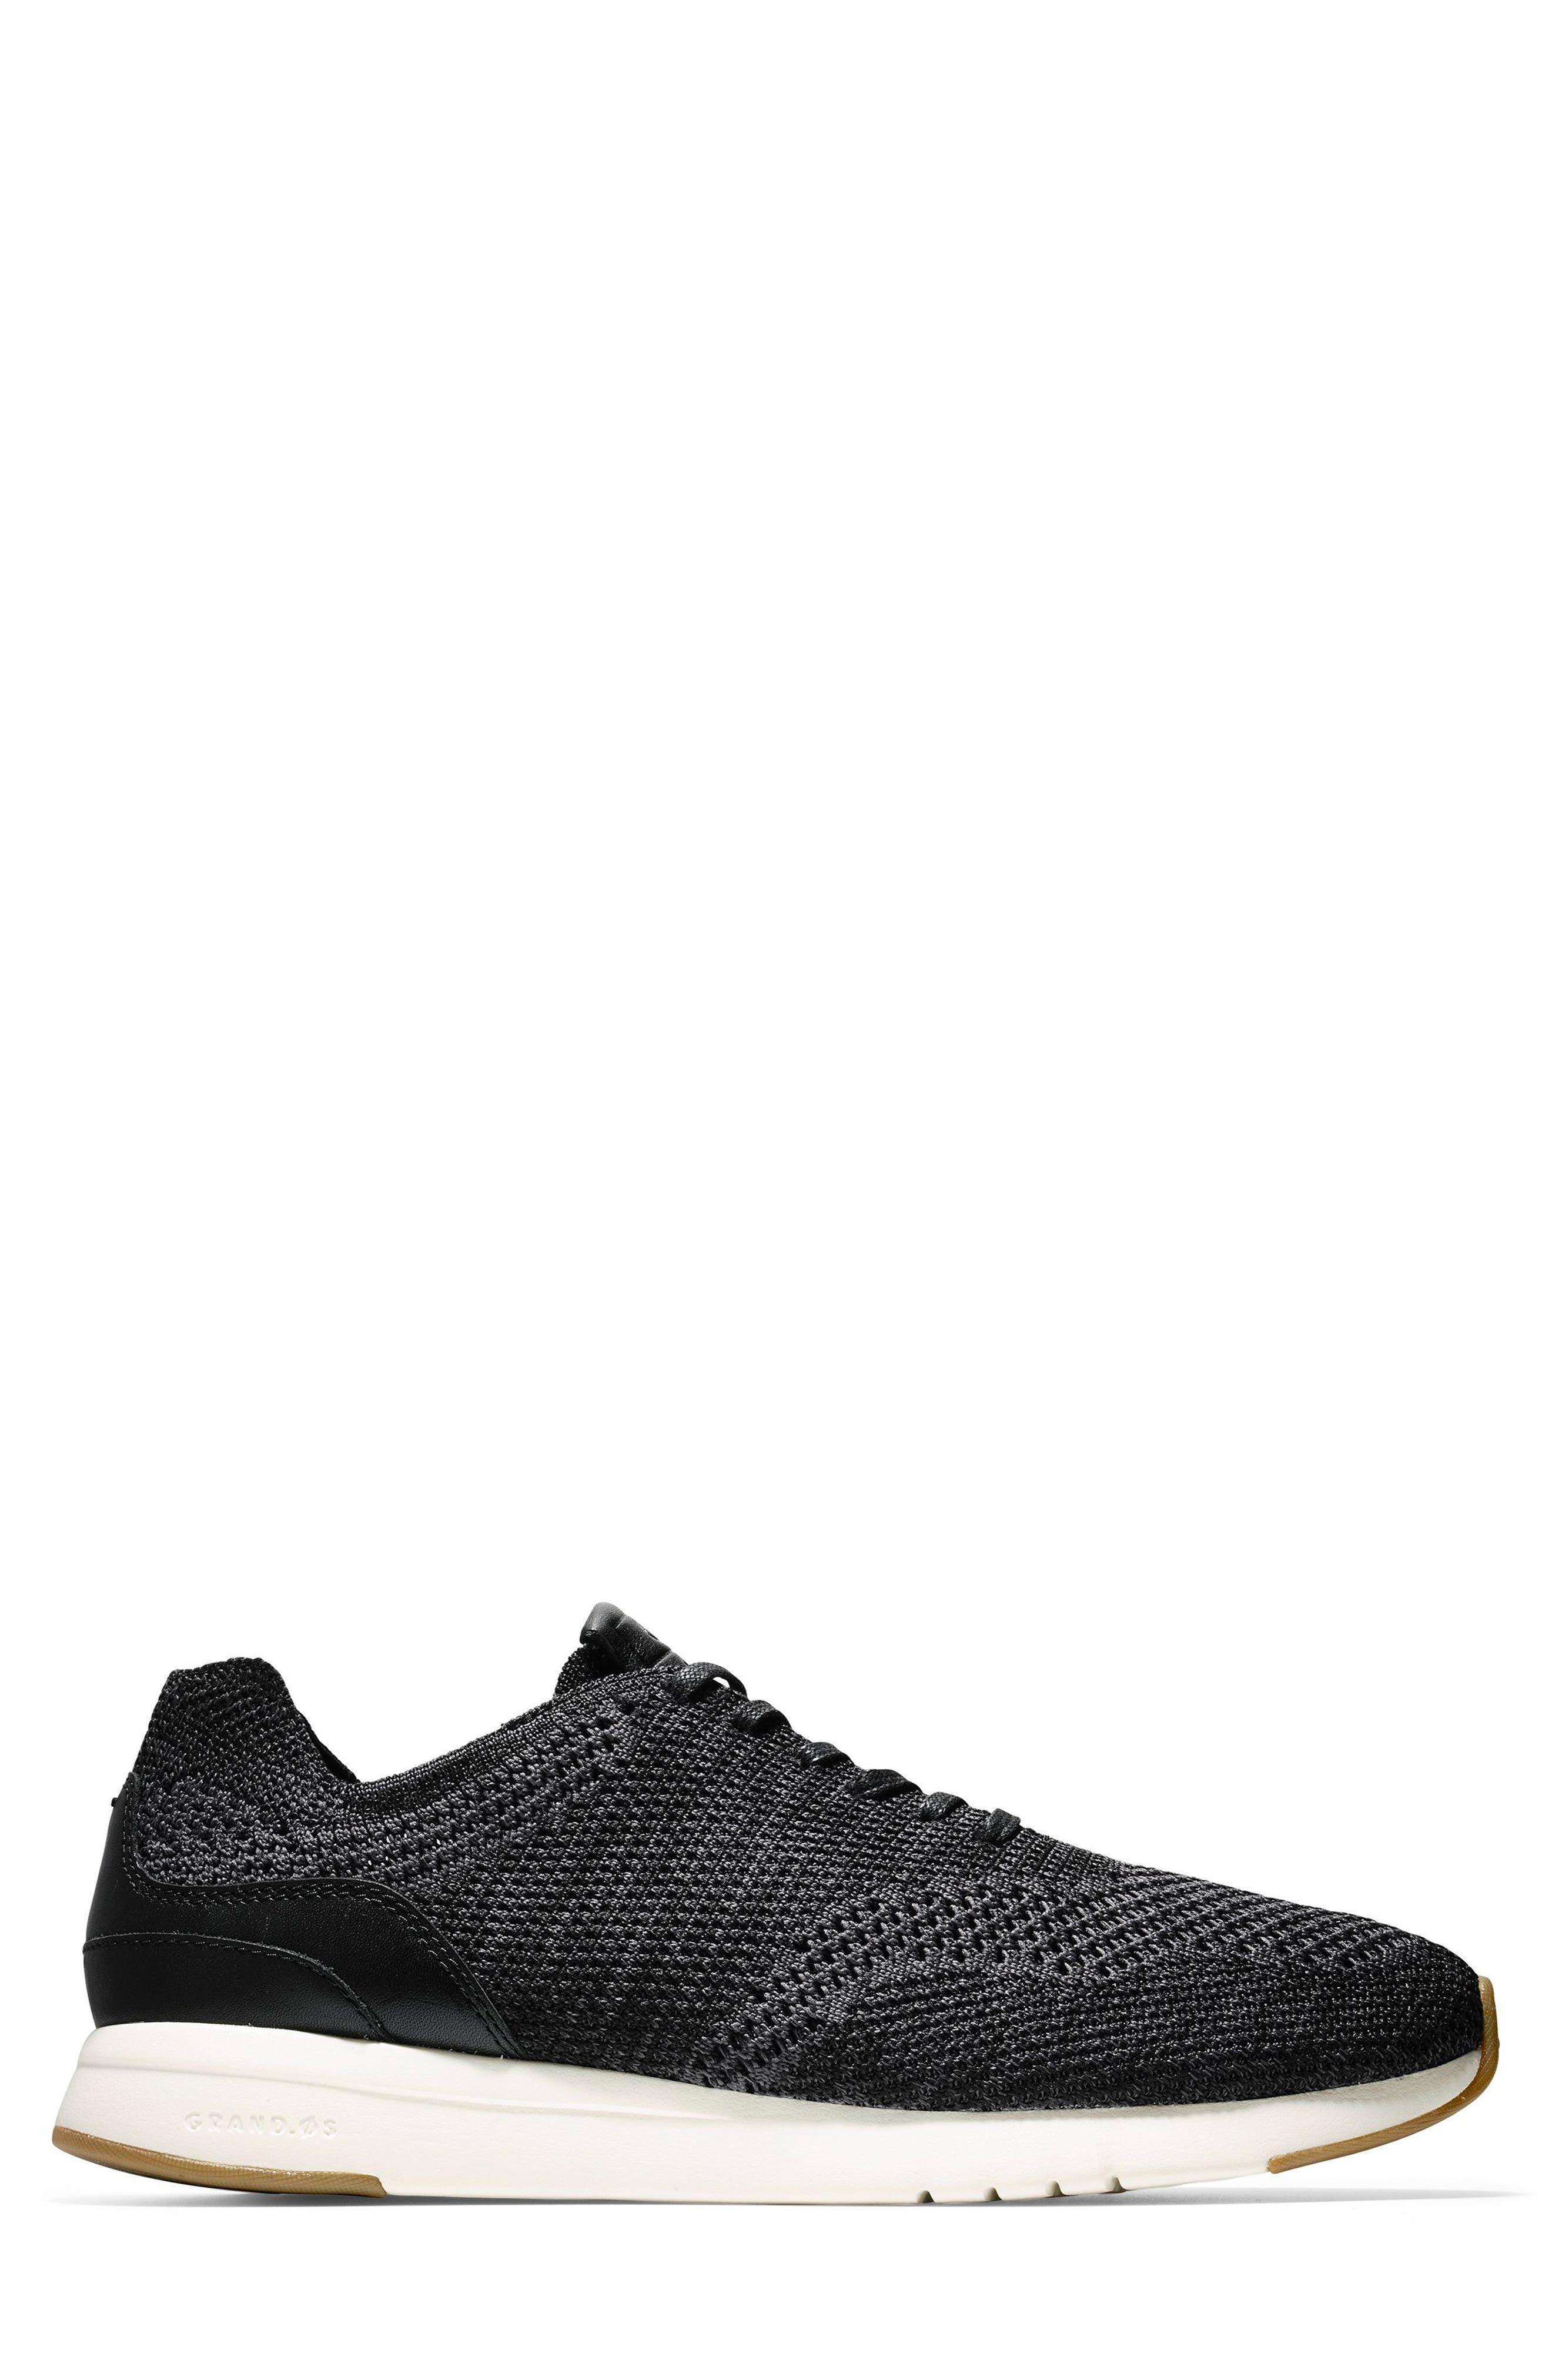 GrandPro Runner Stitchlite Sneaker,                             Alternate thumbnail 3, color,                             Black / Magnet